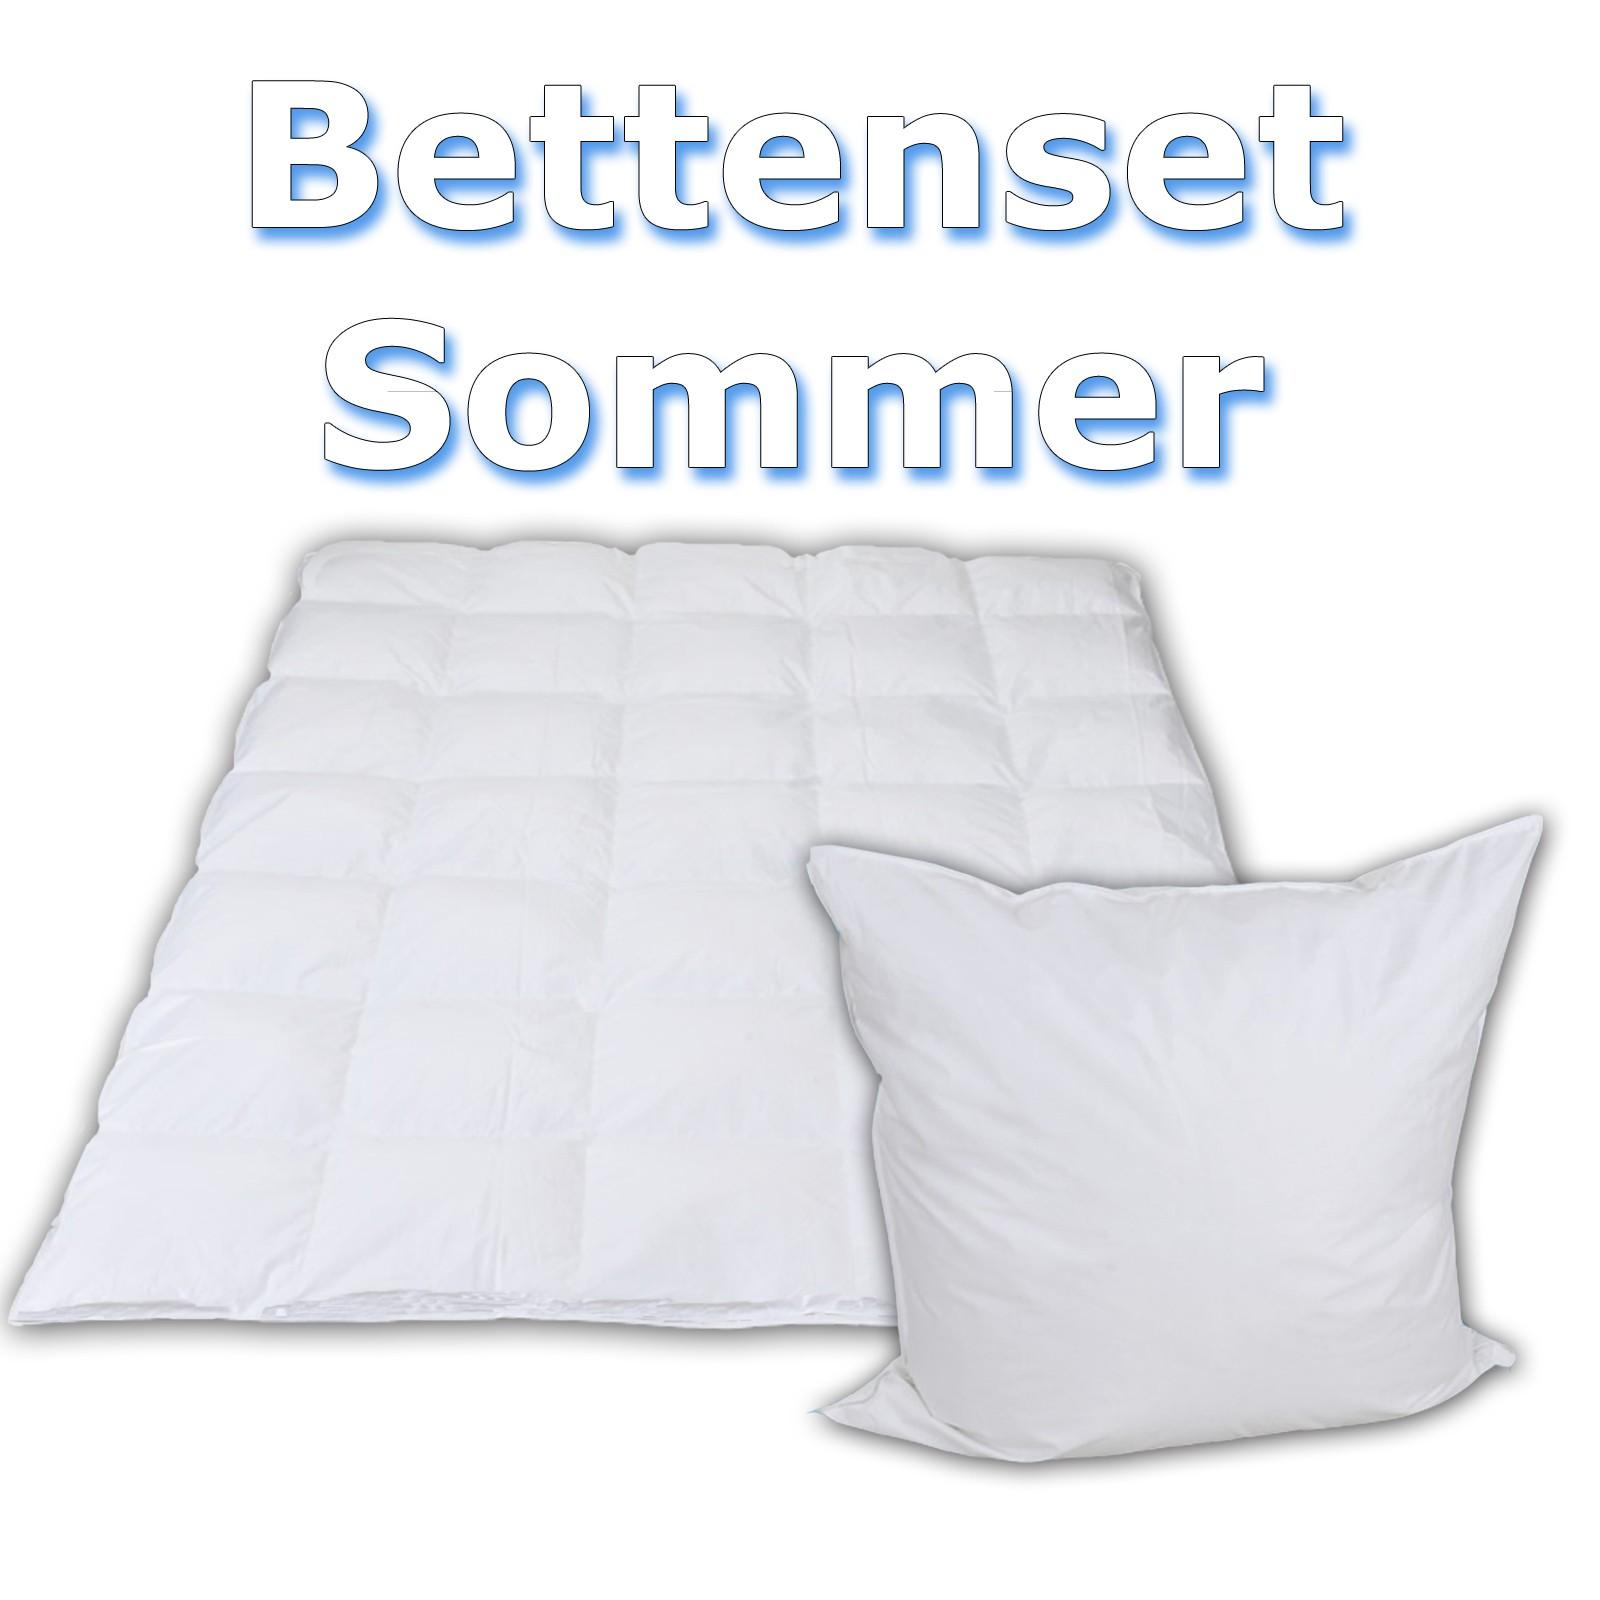 Bettenset Sommer Betten Anne®-FS57001HW80800